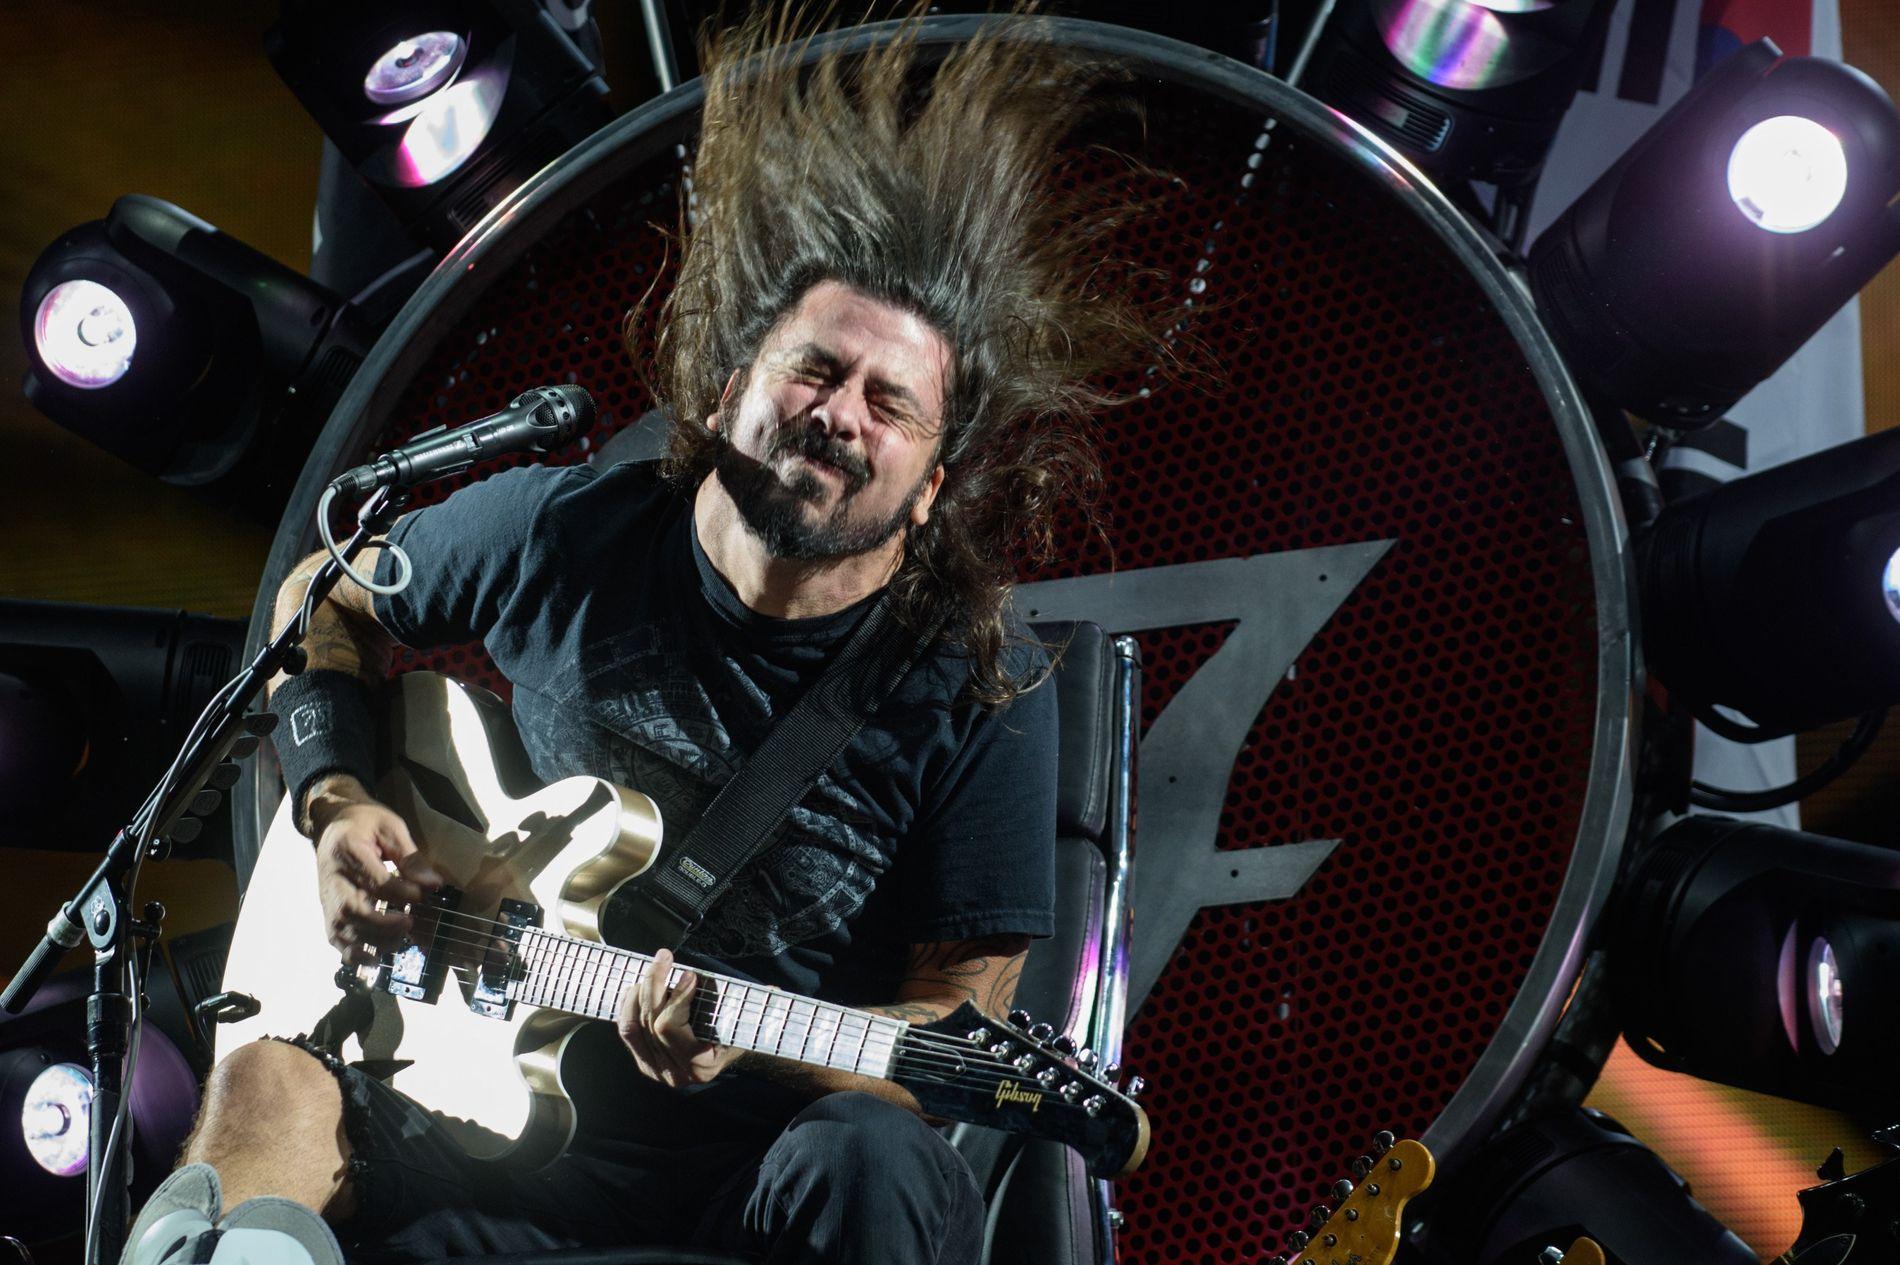 TRONENS EIER: Dave Grohl sittende på tronen under en konsert i Sør-Korea i juli i fjor etter å brukket beinet i Sverige.